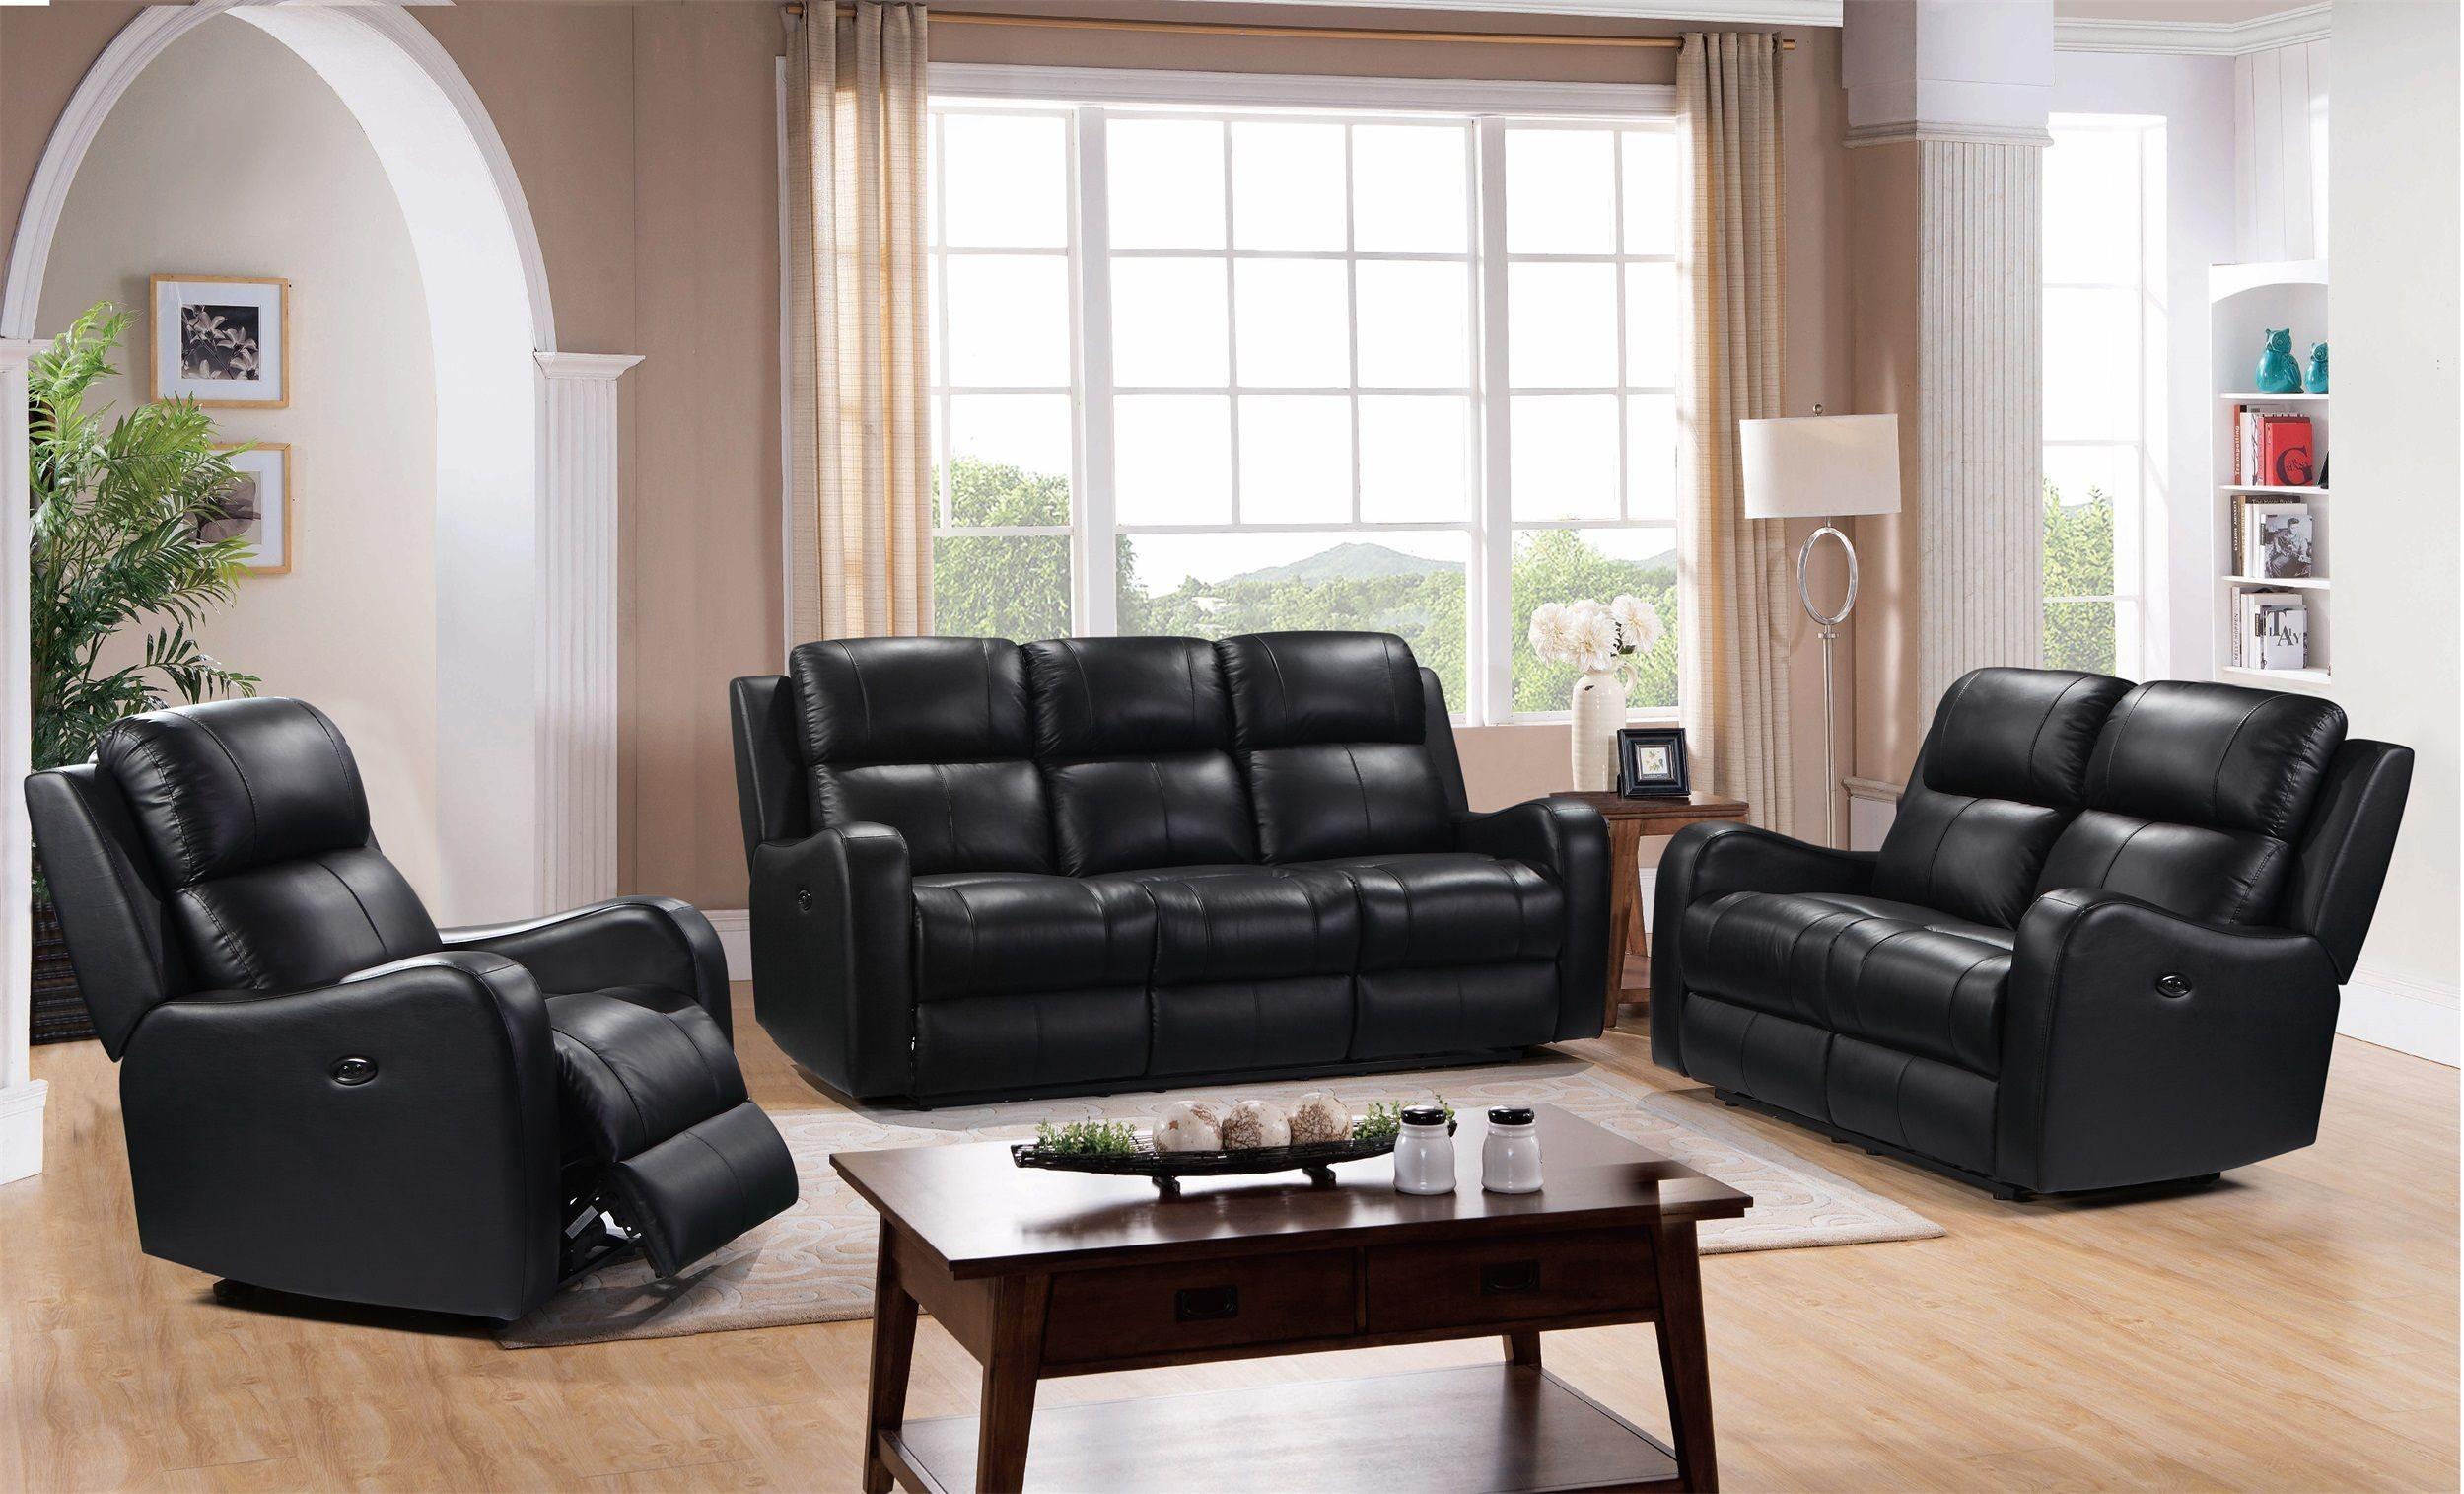 terrific black leather living room set   Shae Cortana Black Leather Power Reclining Living Room Set ...